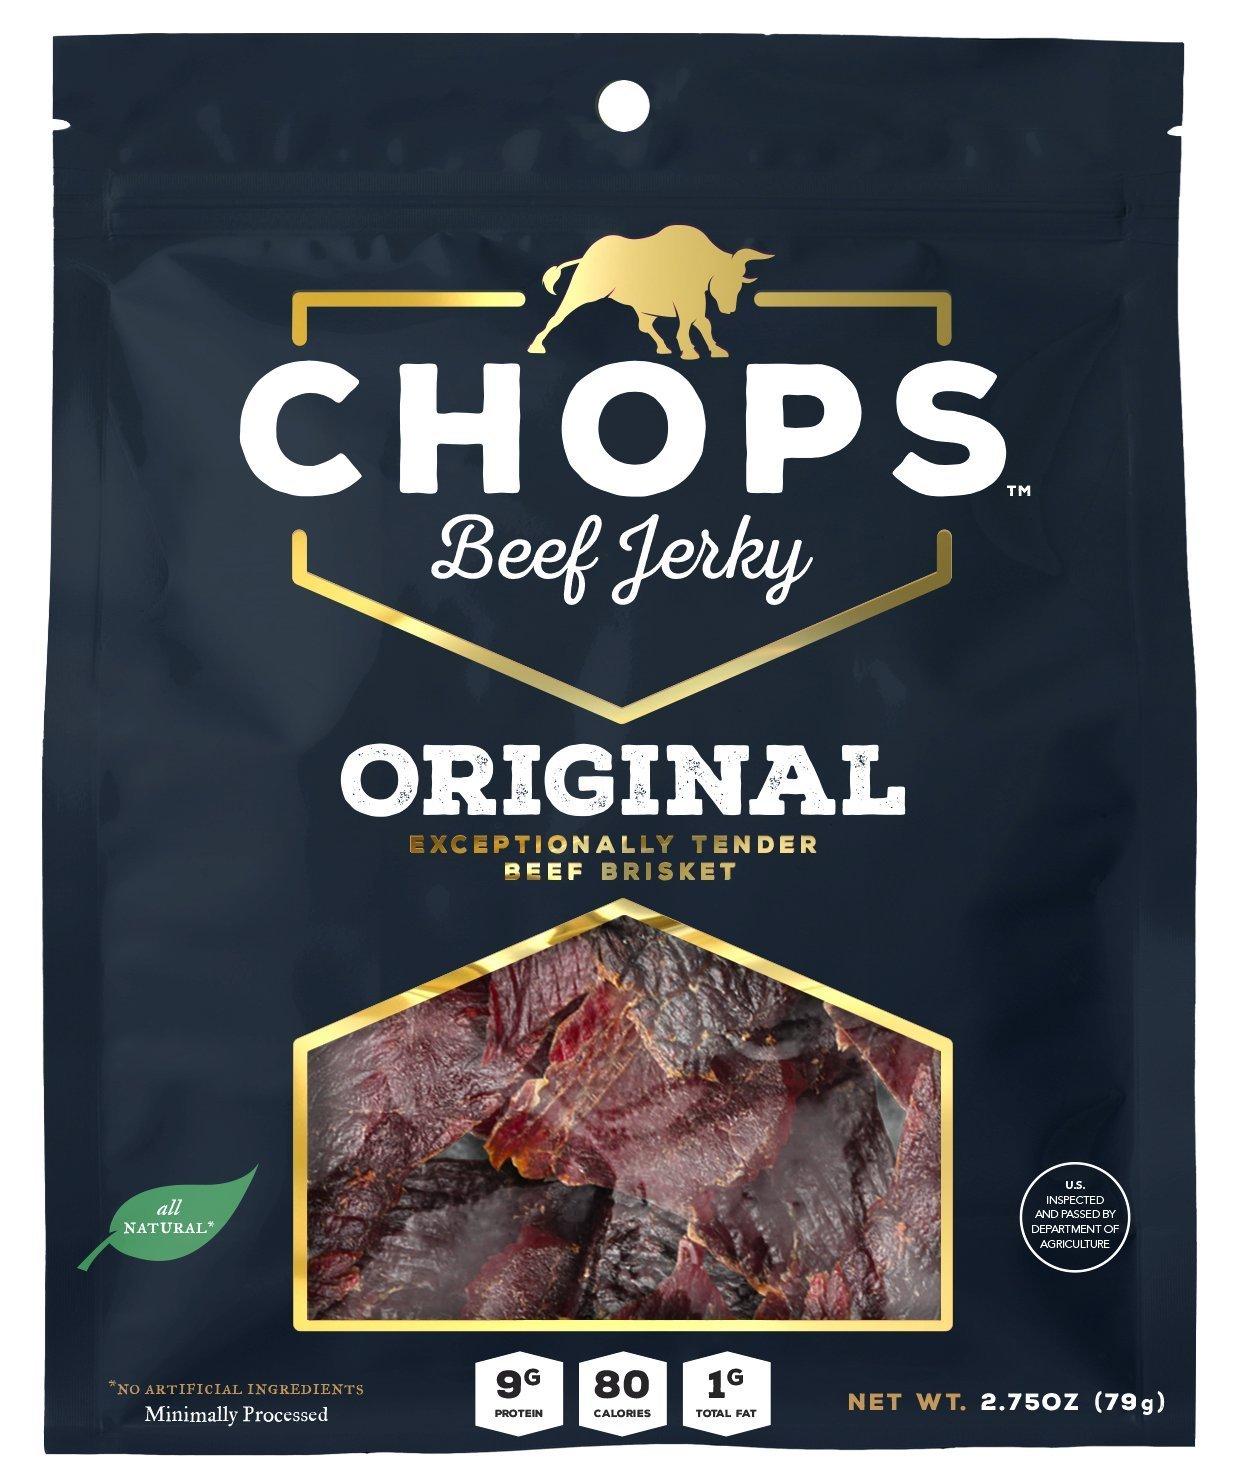 Chops Beef Jerky Original (5-Pack) =$18 @amazon S&S 5-item 15%